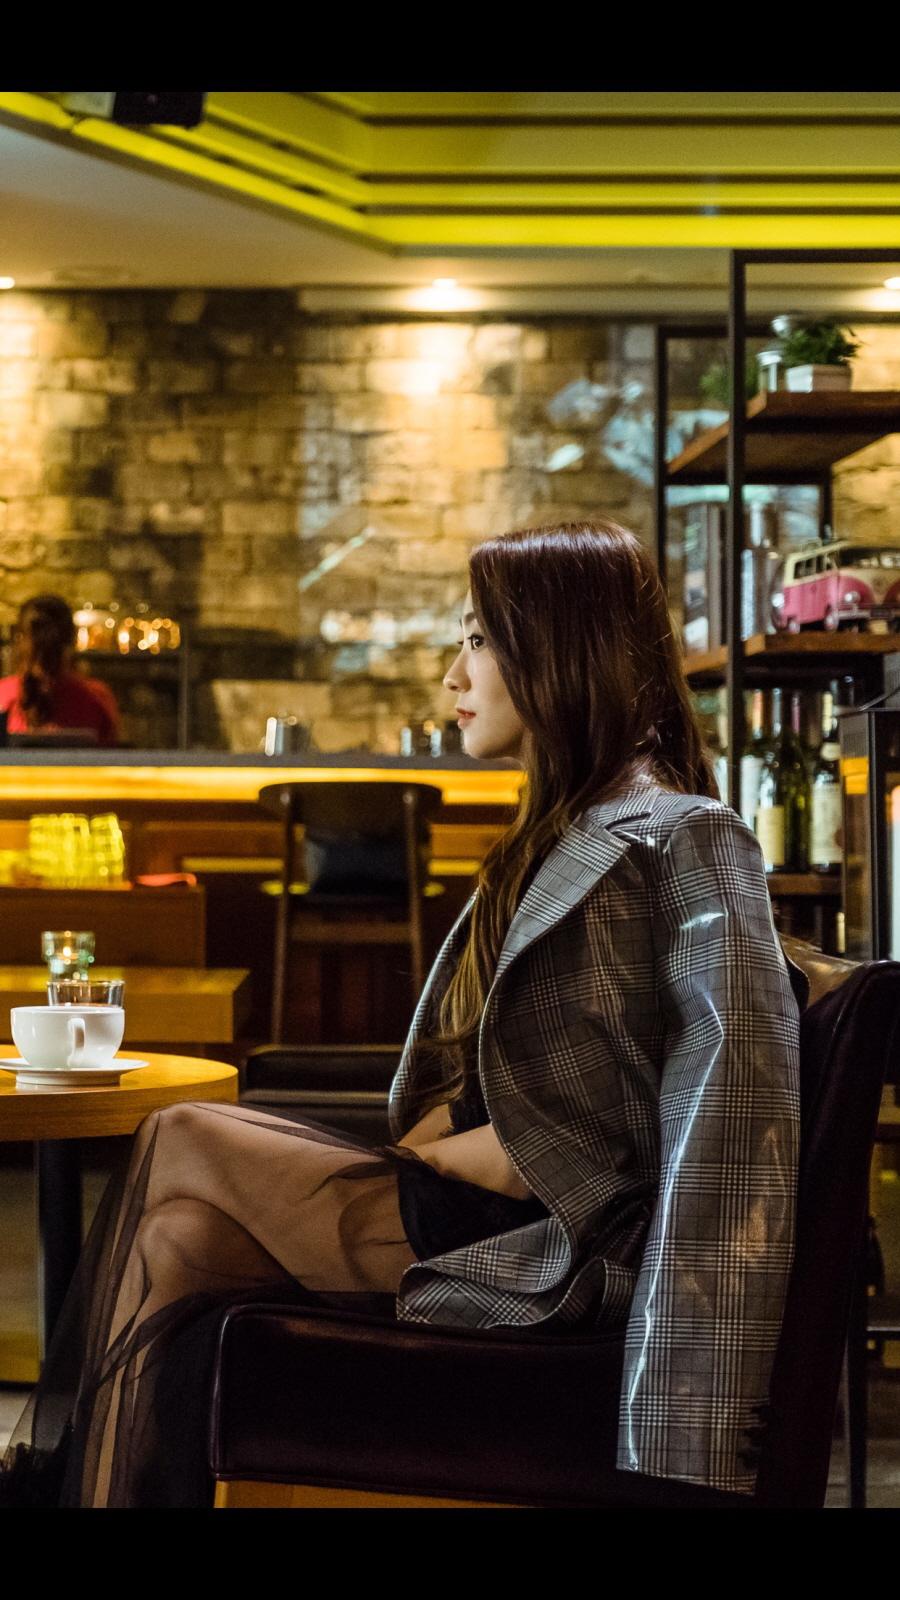 씨스타→배우 <화유기> 윤보라, 섹시 스타 변신 #시크 #러블리